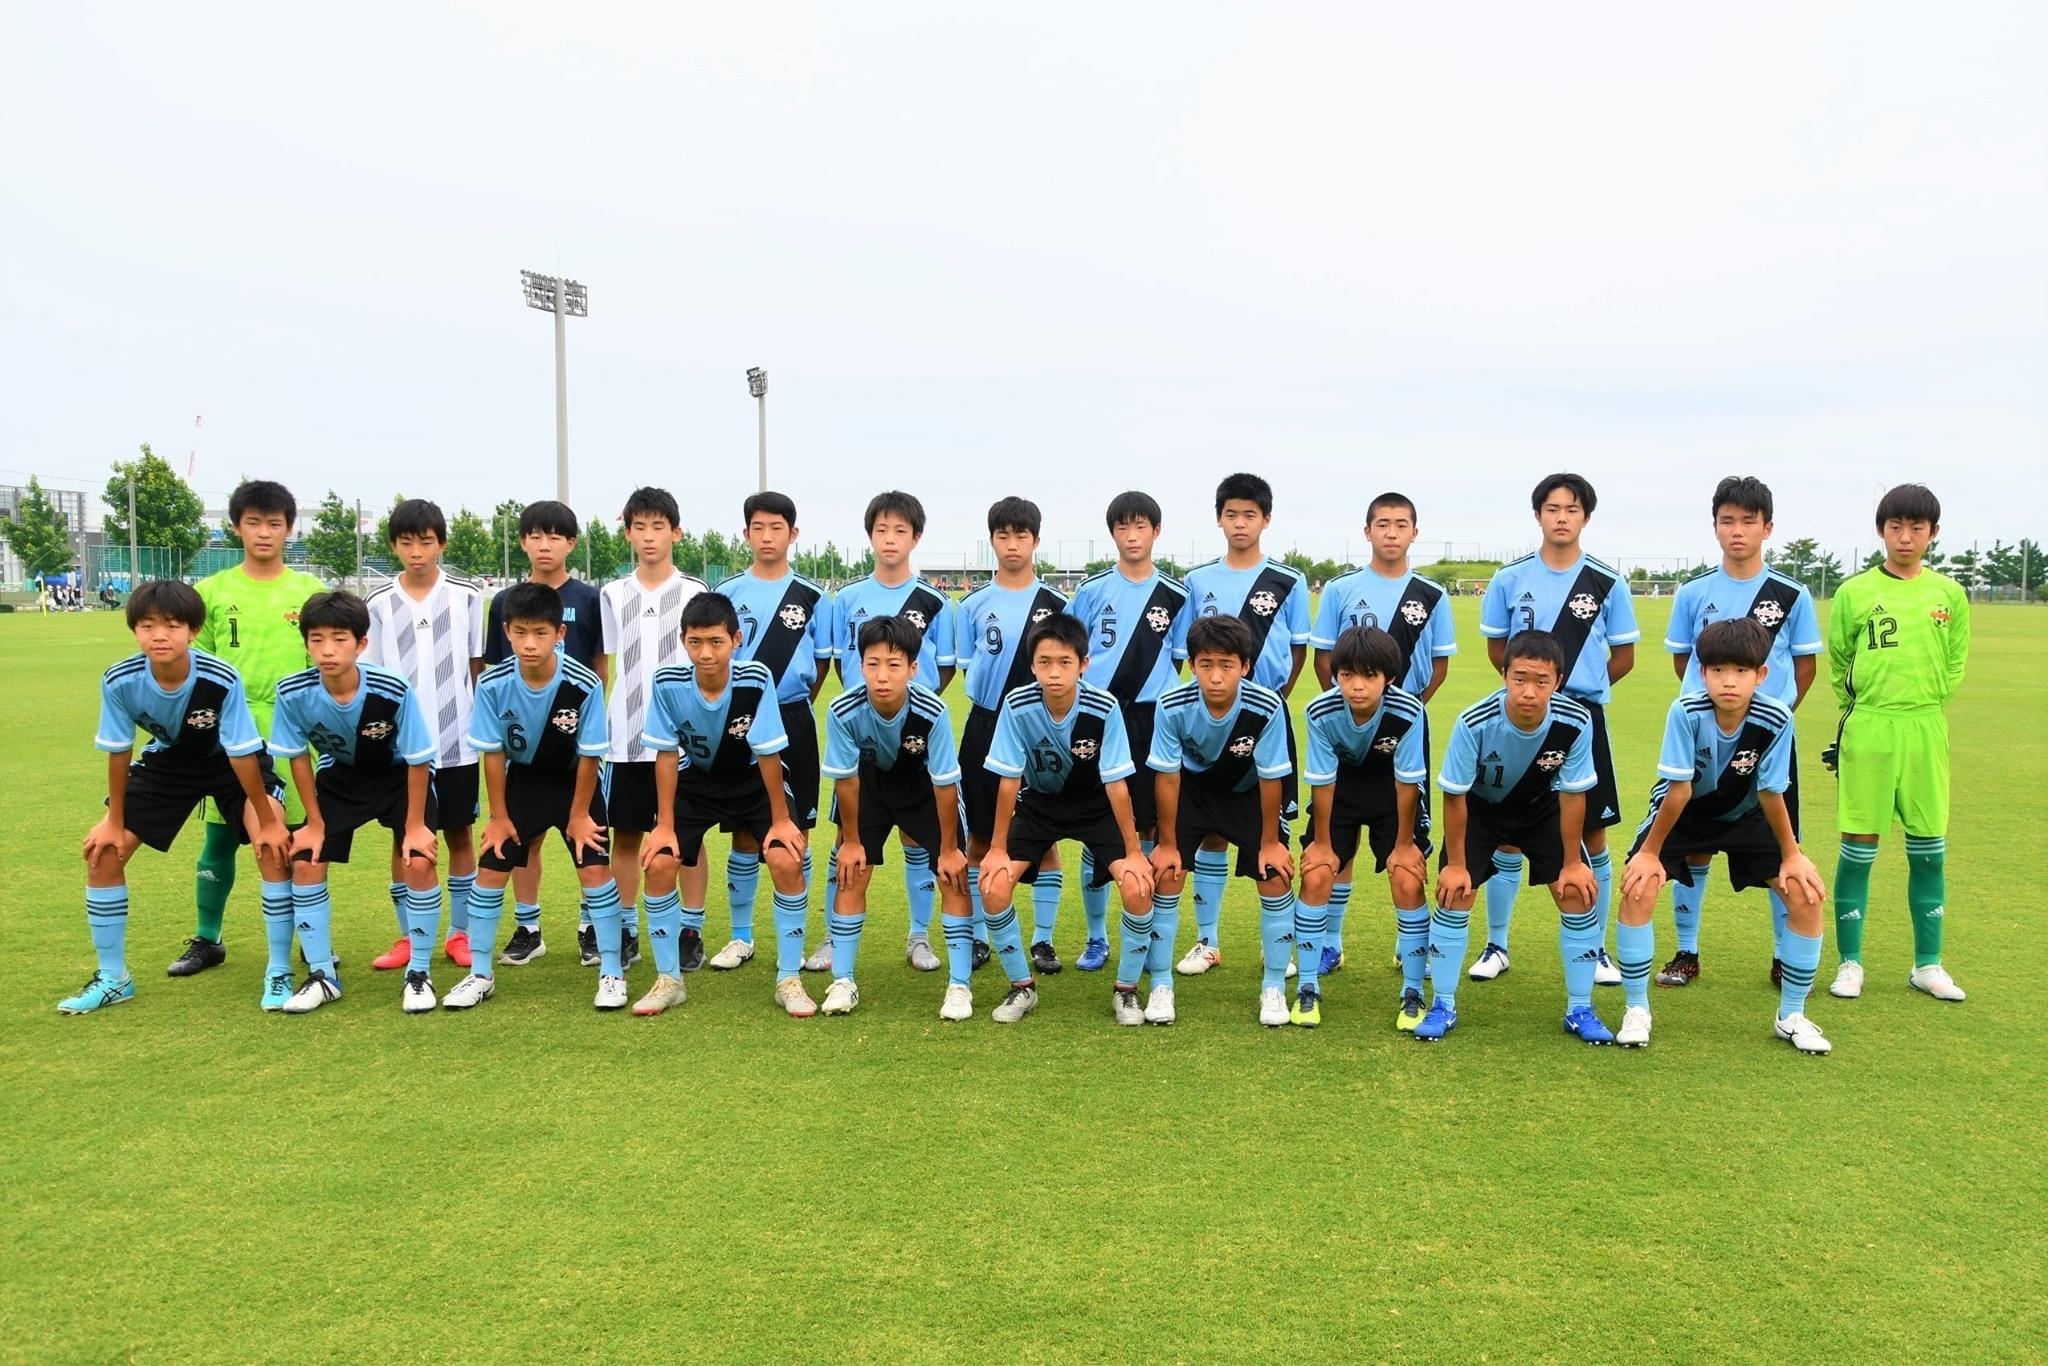 日本クラブユース選手権(U-15)関西大会【結果】